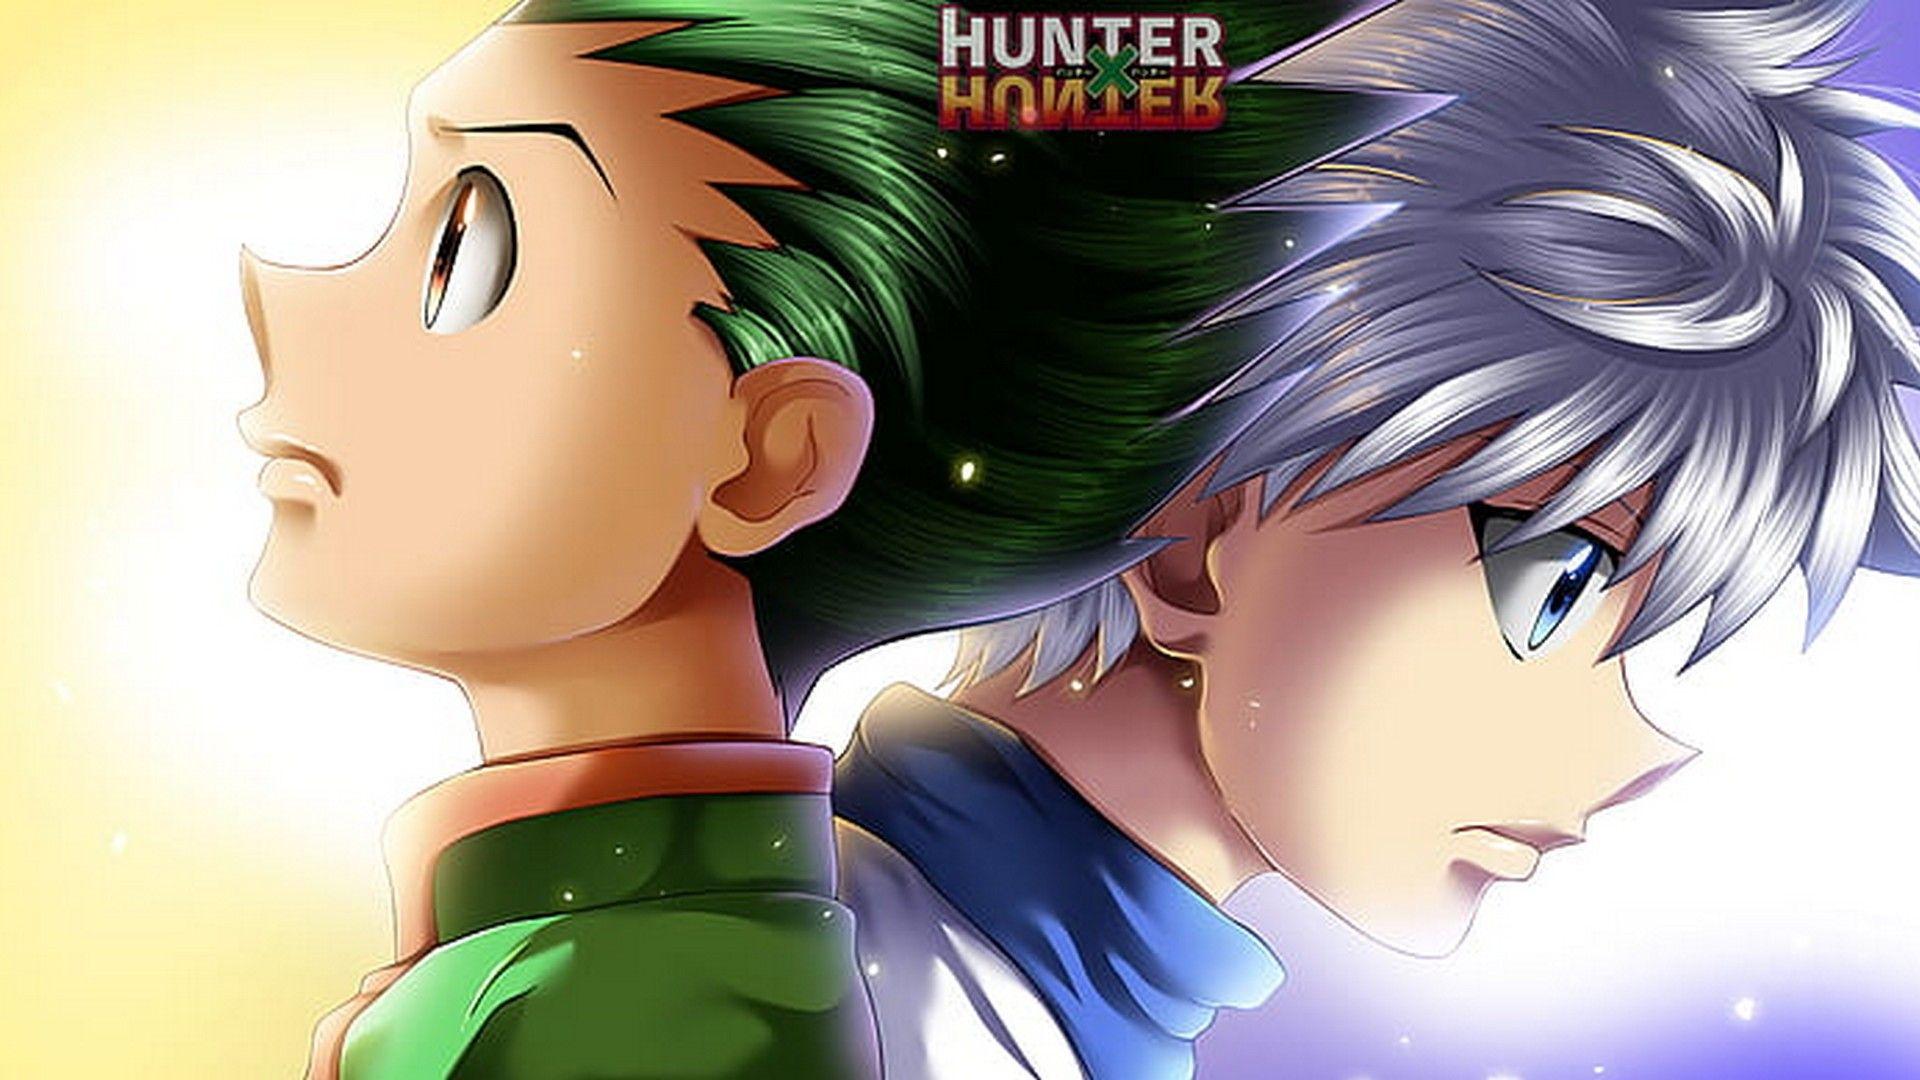 Gon And Killua Hd Wallpaper 2021 Live Wallpaper Hd Hunter X Hunter Killua Anime